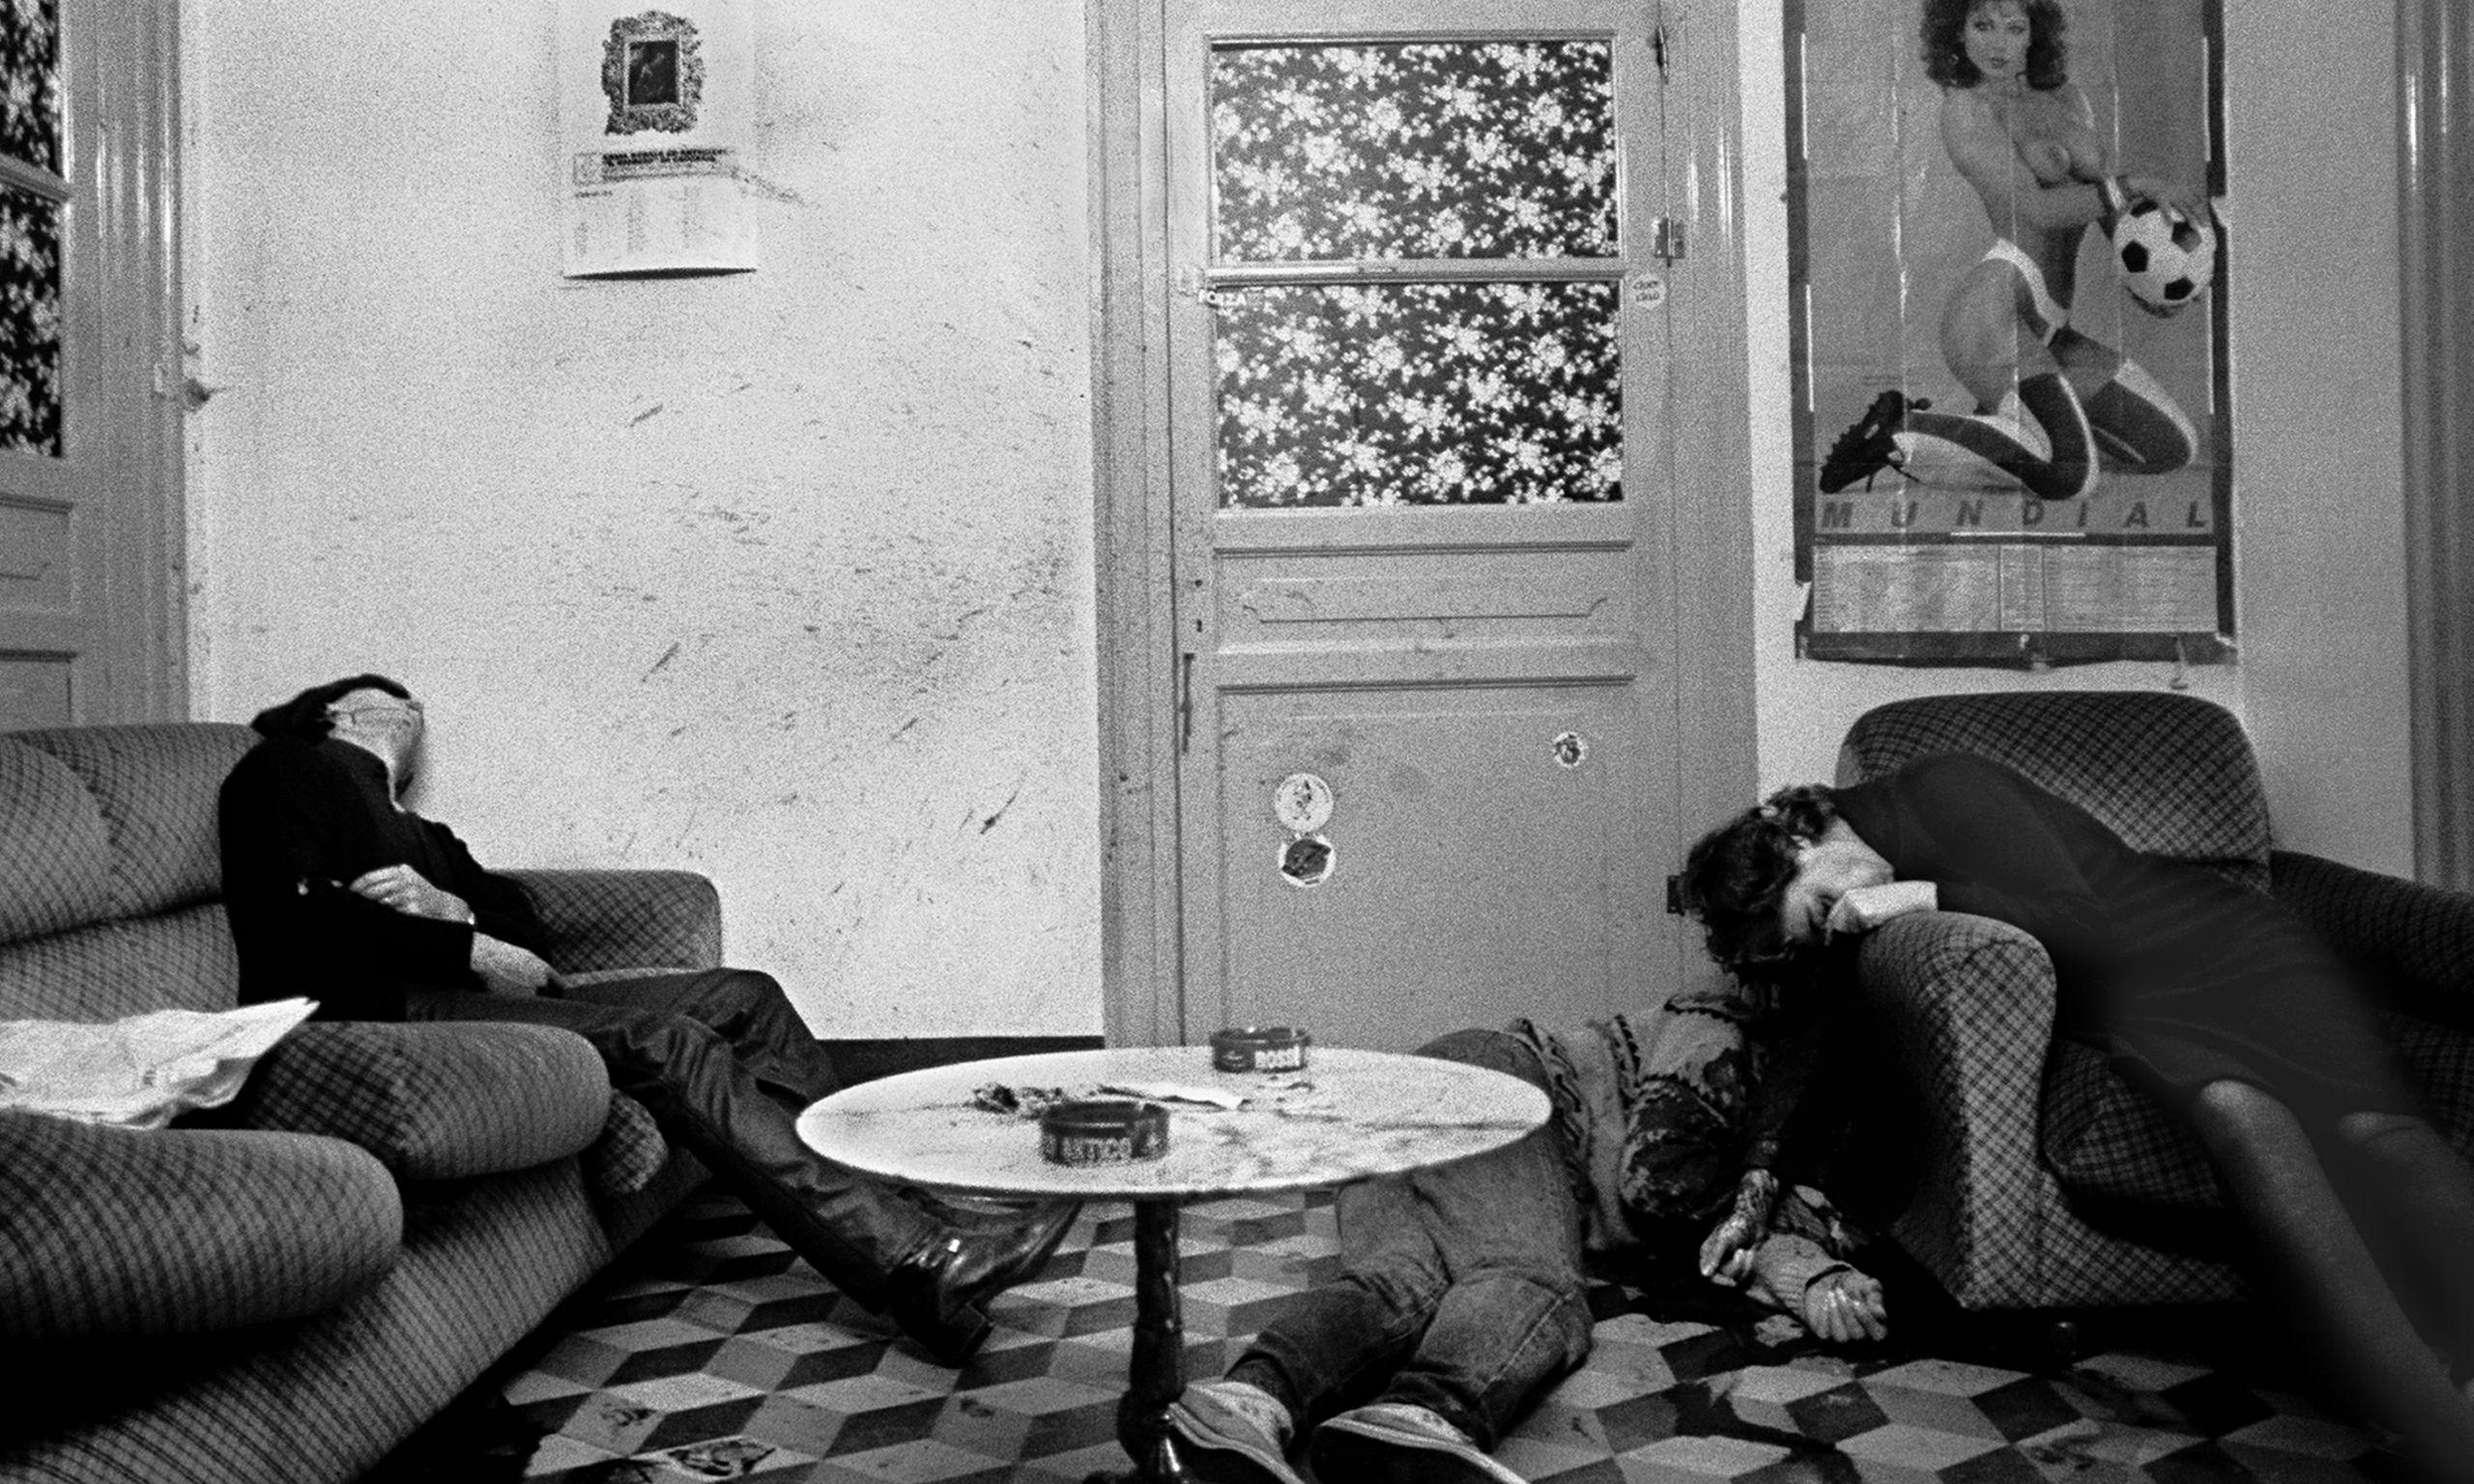 1982. Maffia által elkövetett gyilkosság Palermoban..jpg